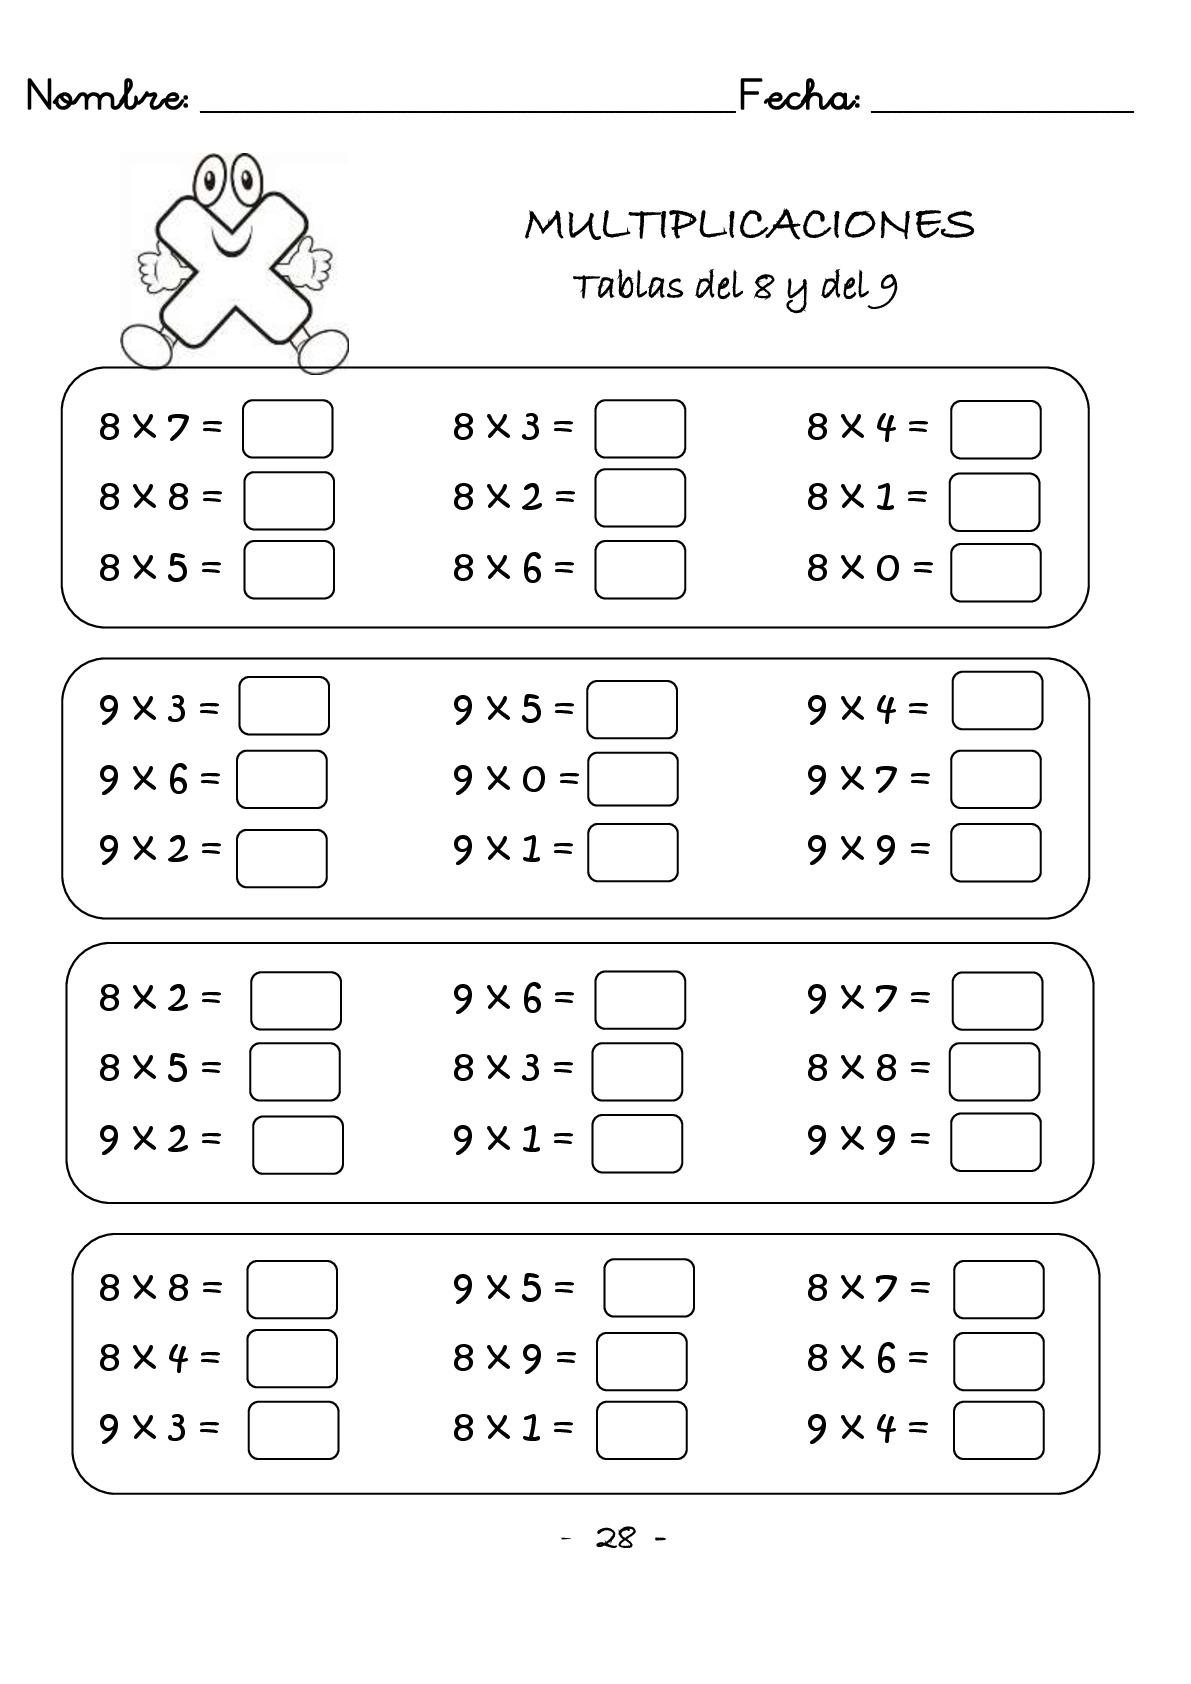 multiplicaciones-rapidas-una-cifra-protegido-029